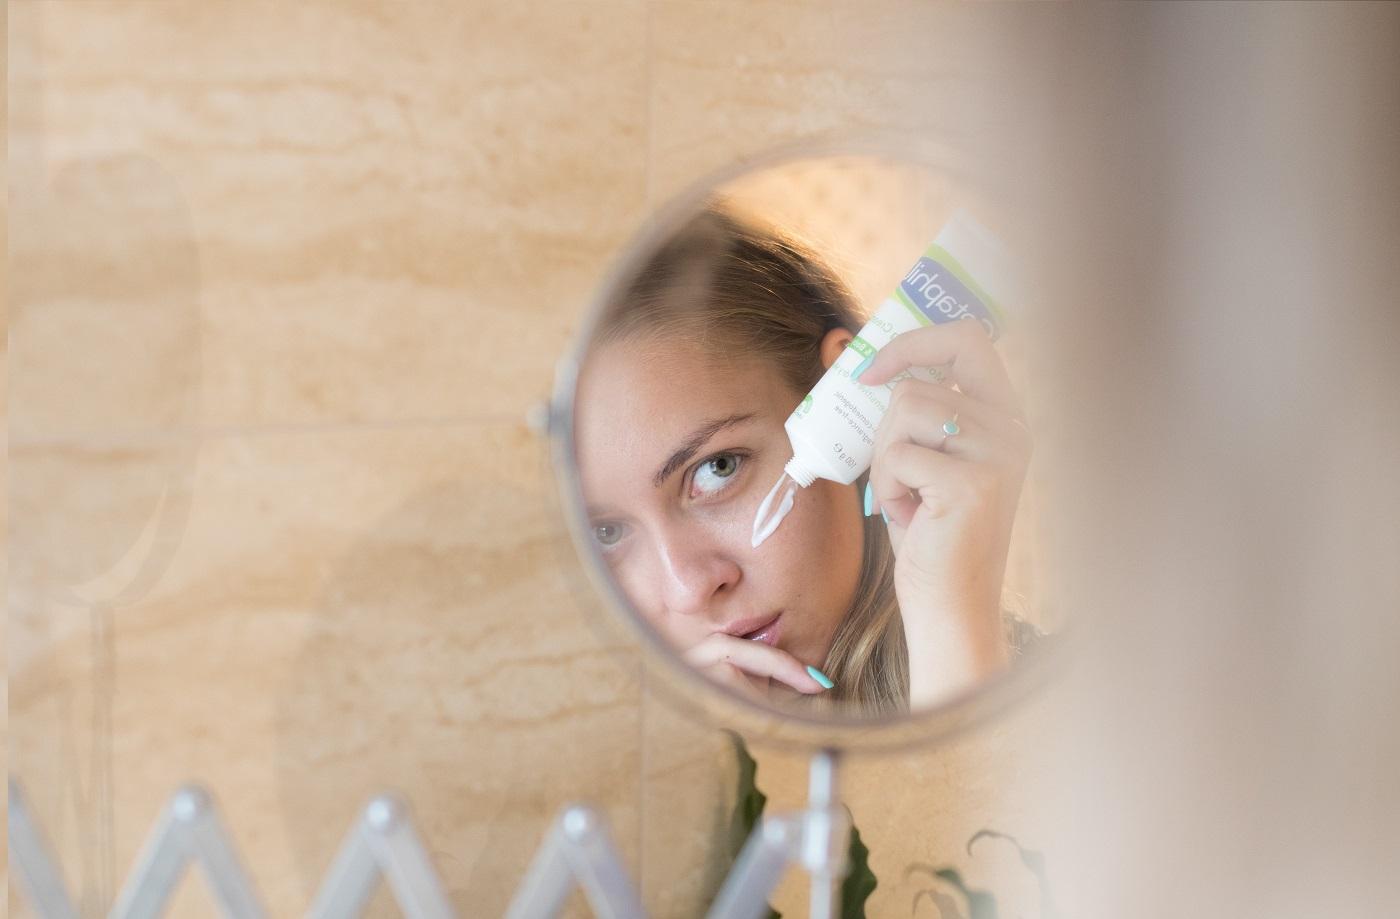 pikkelysömör hogyan kell kezelni a fejben s a fülben a szem alatt egy vörös folt hámlik le, ami van